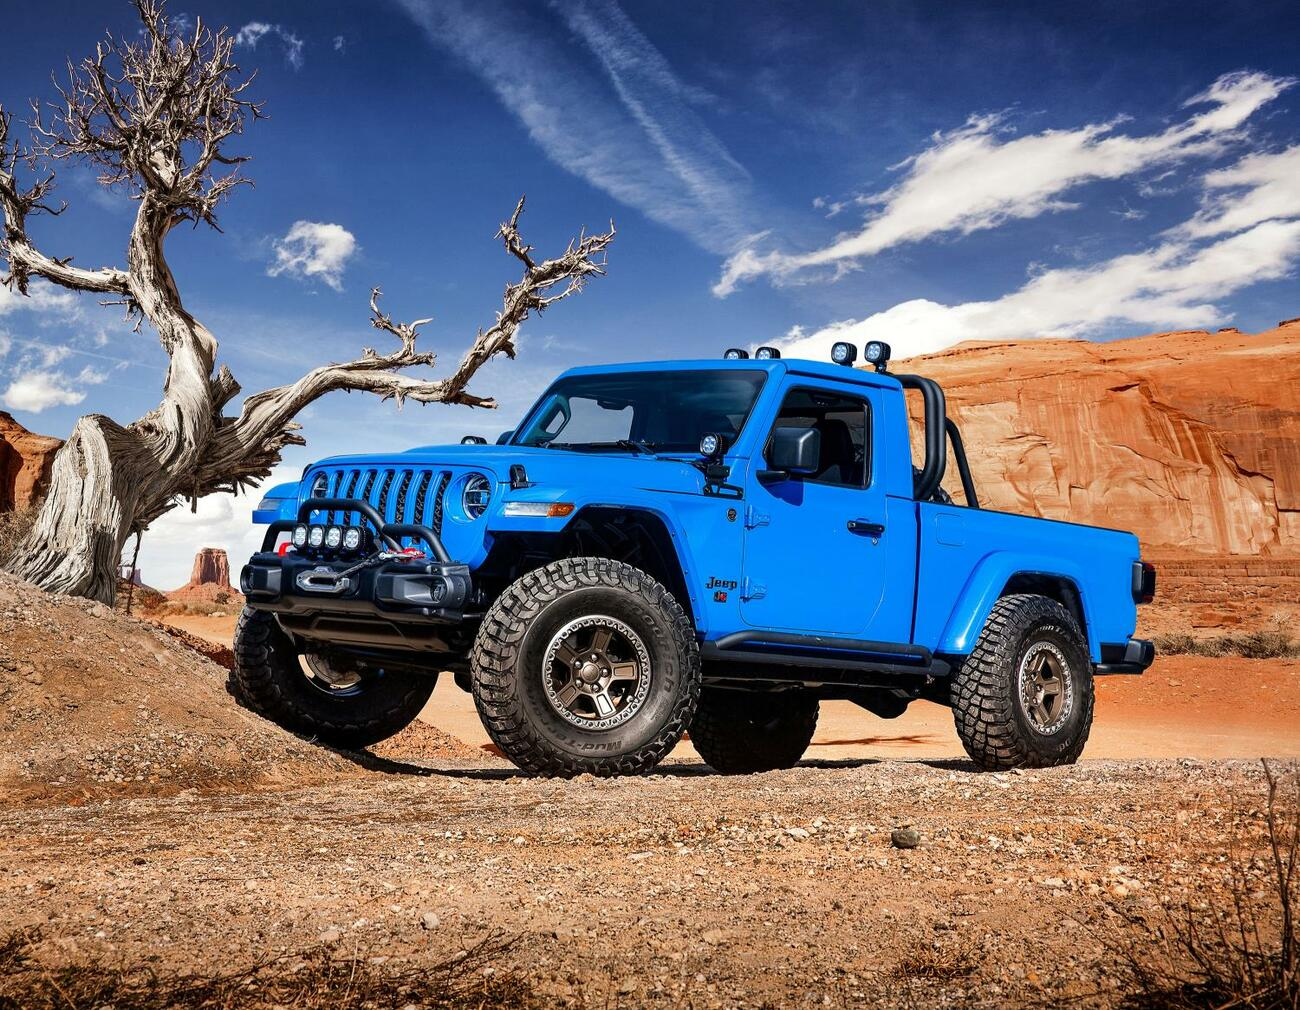 _Jeep_J6_3